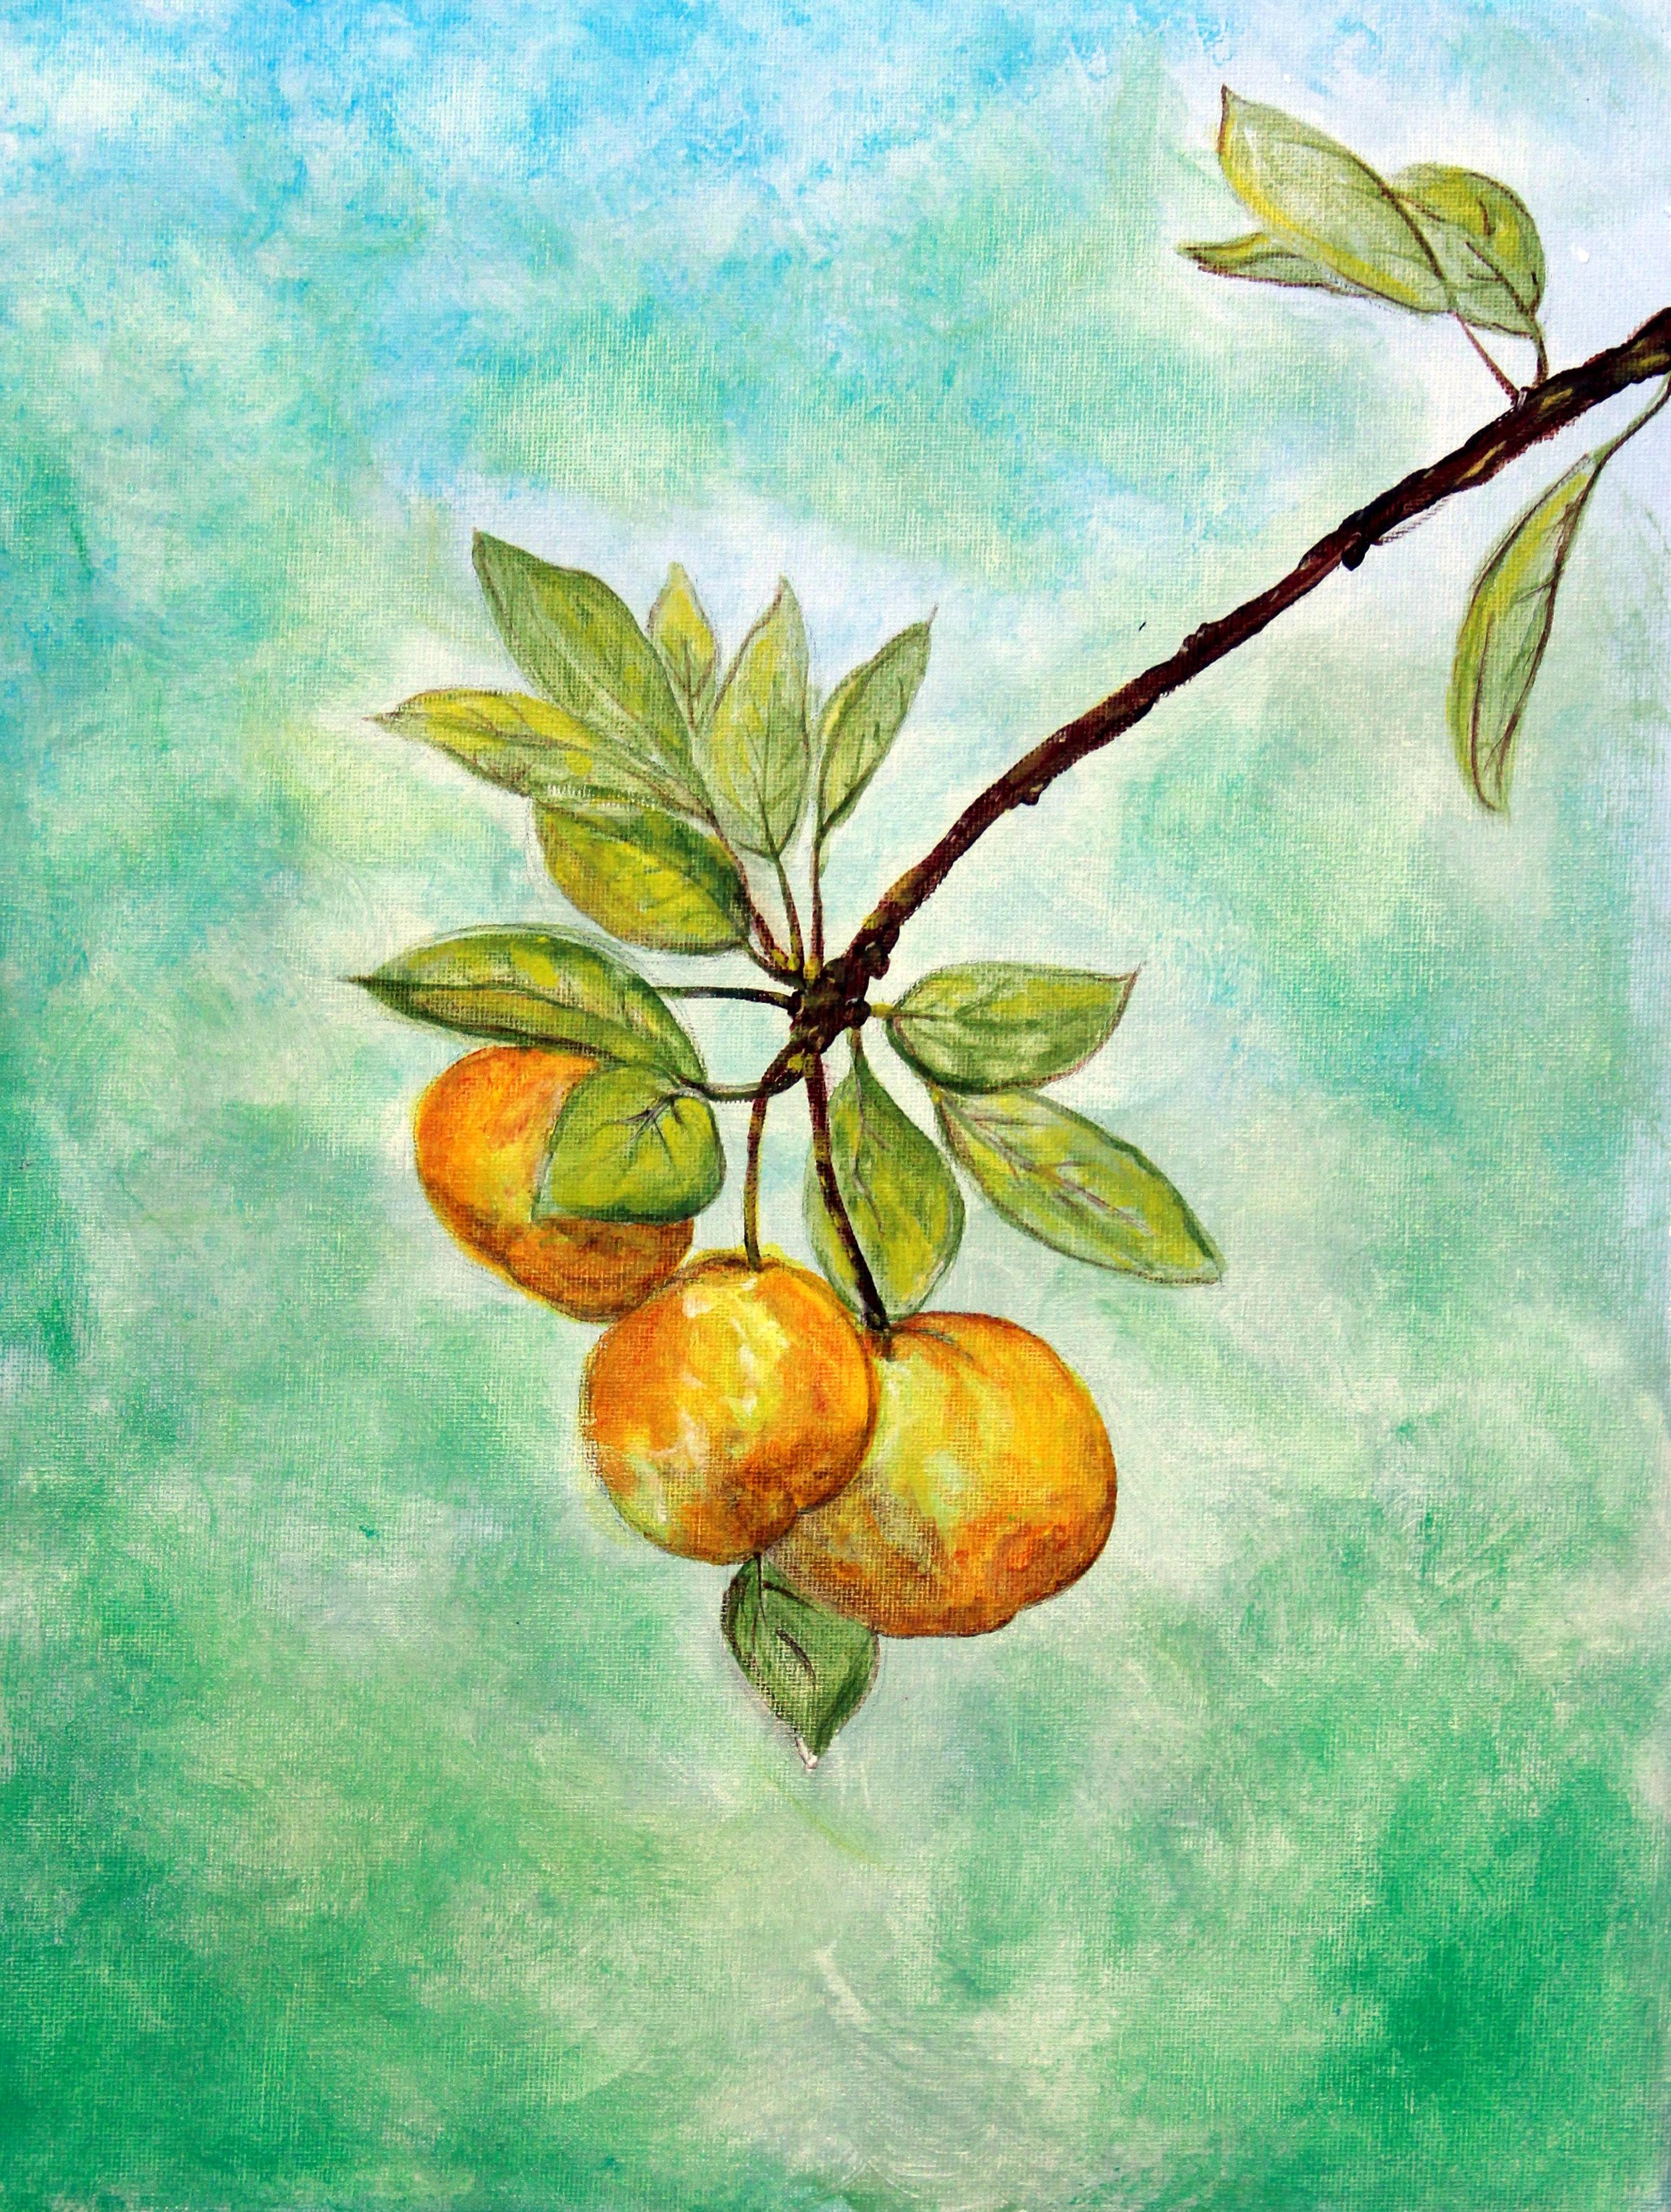 3) Hanging Fruit